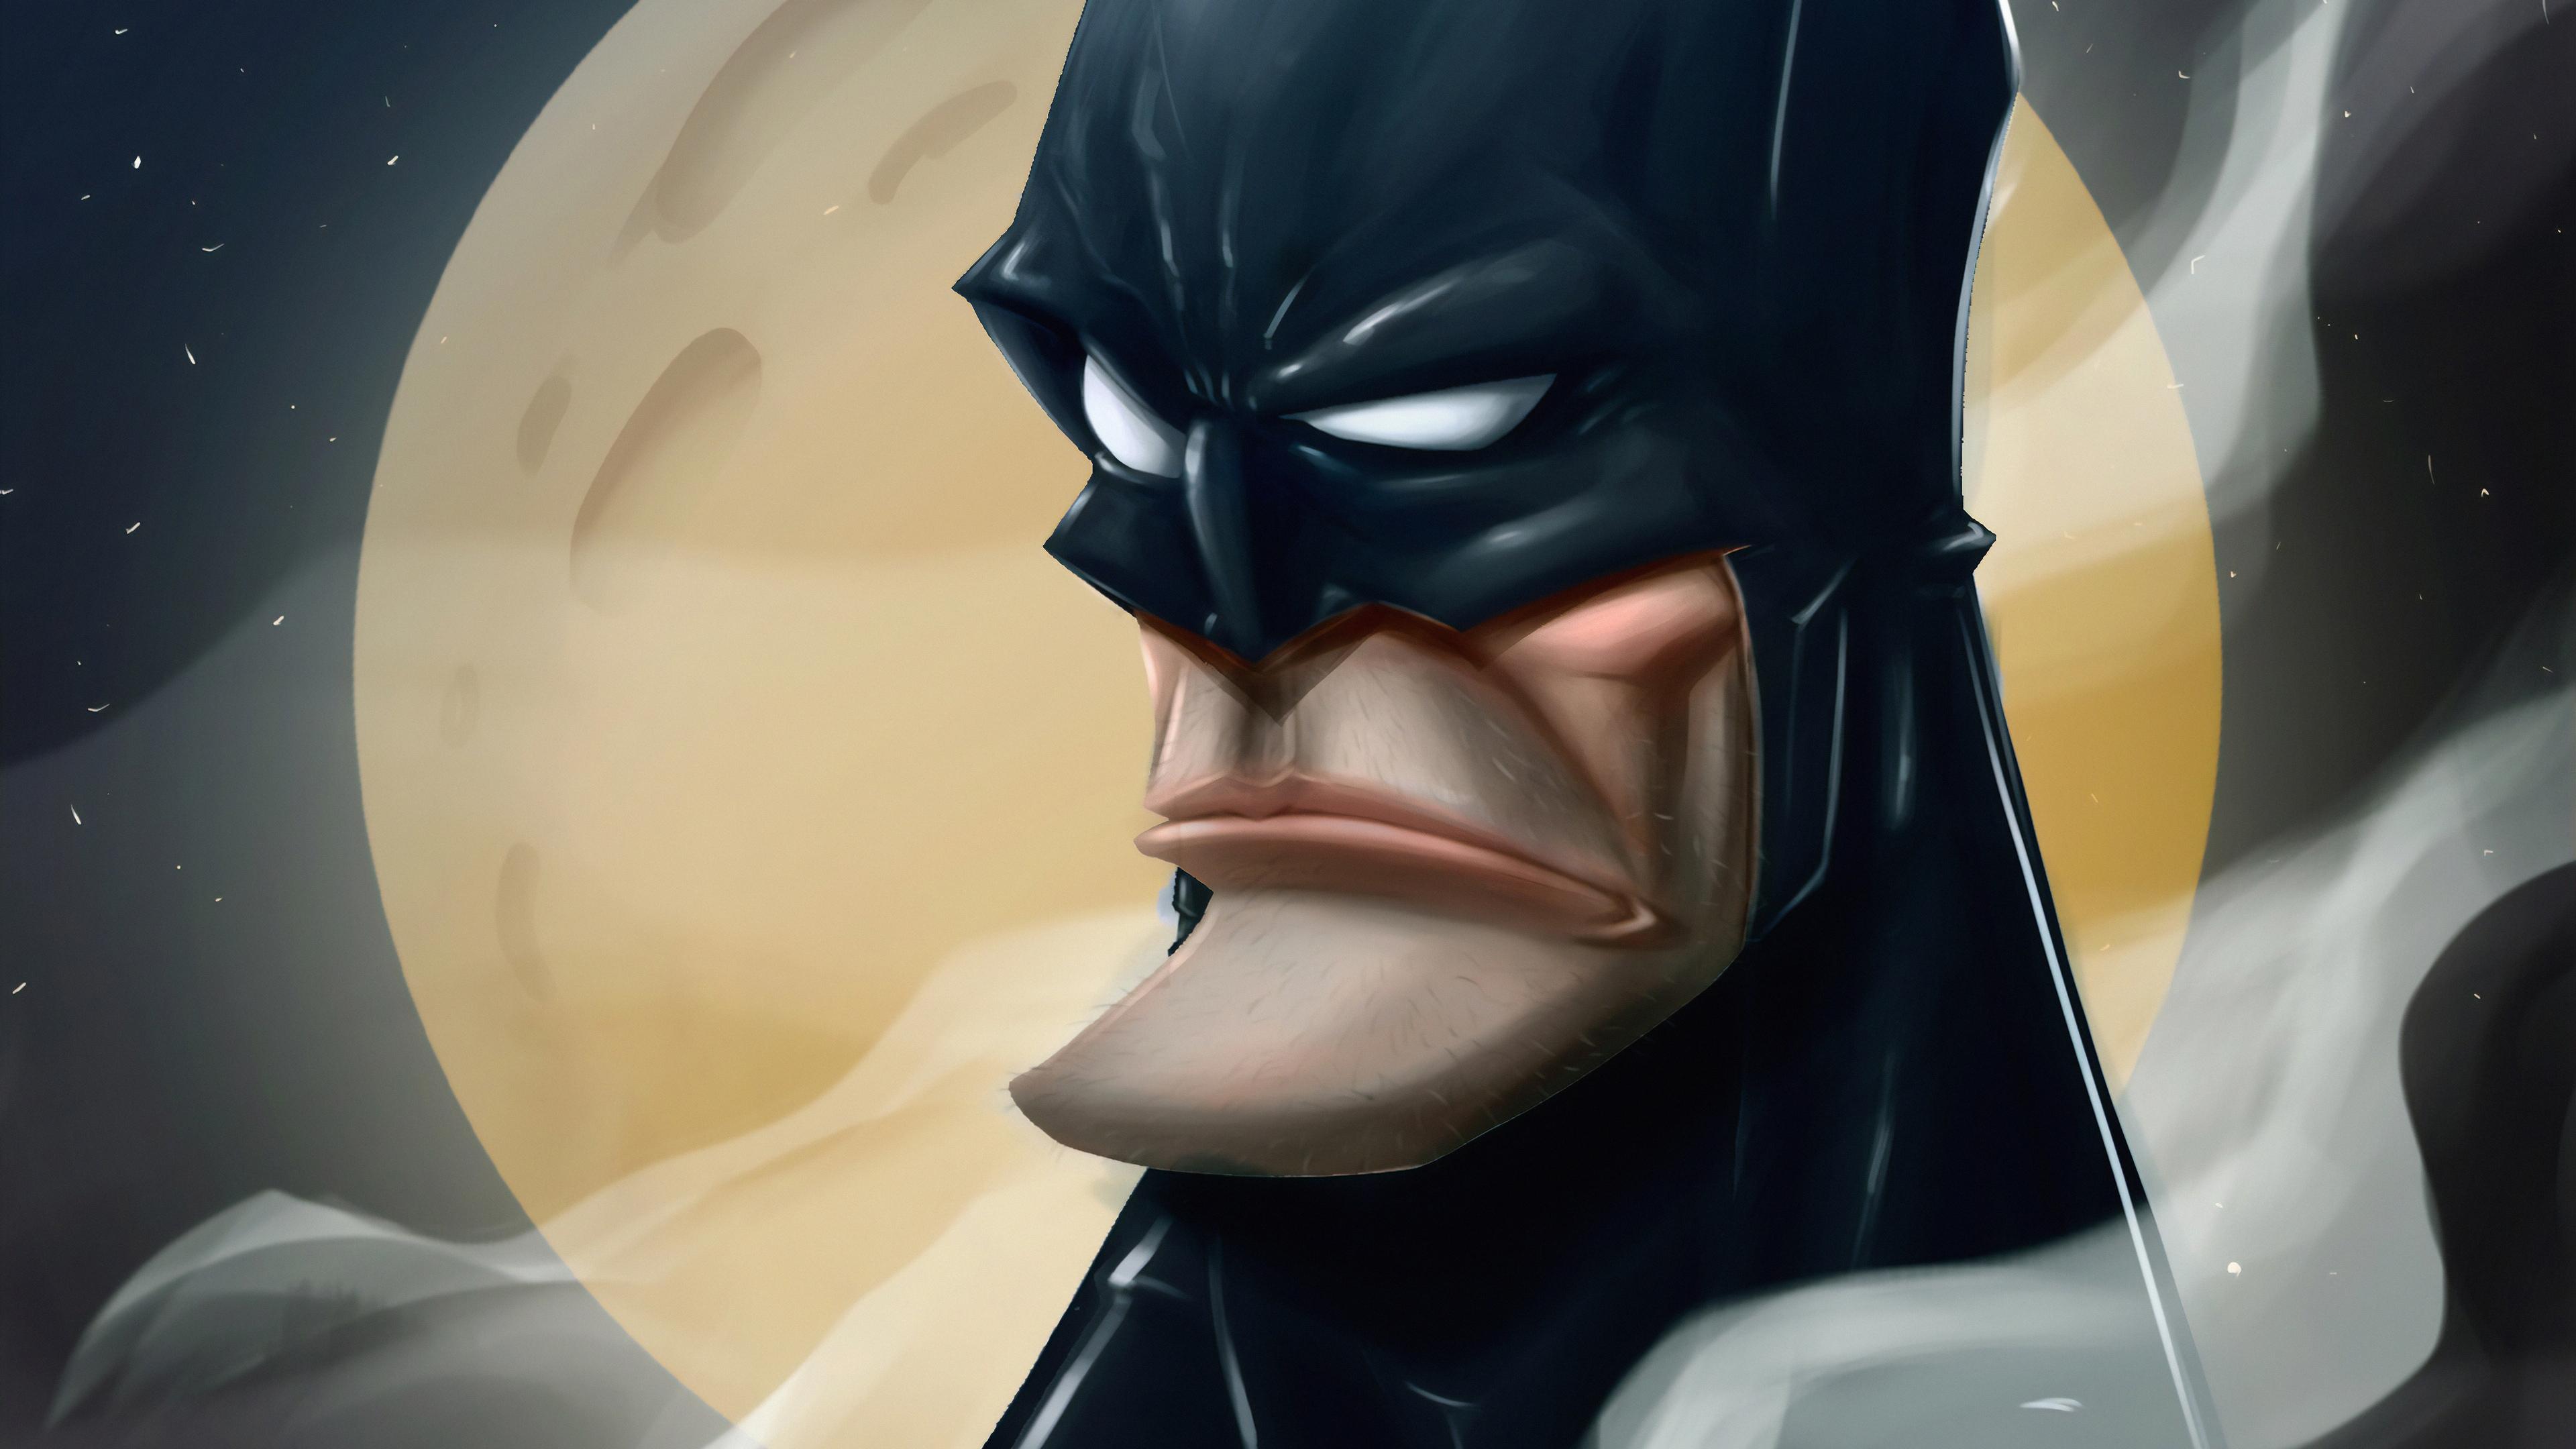 mad batman 1570394433 - Mad Batman - superheroes wallpapers, hd-wallpapers, digital art wallpapers, batman wallpapers, artwork wallpapers, 4k-wallpapers